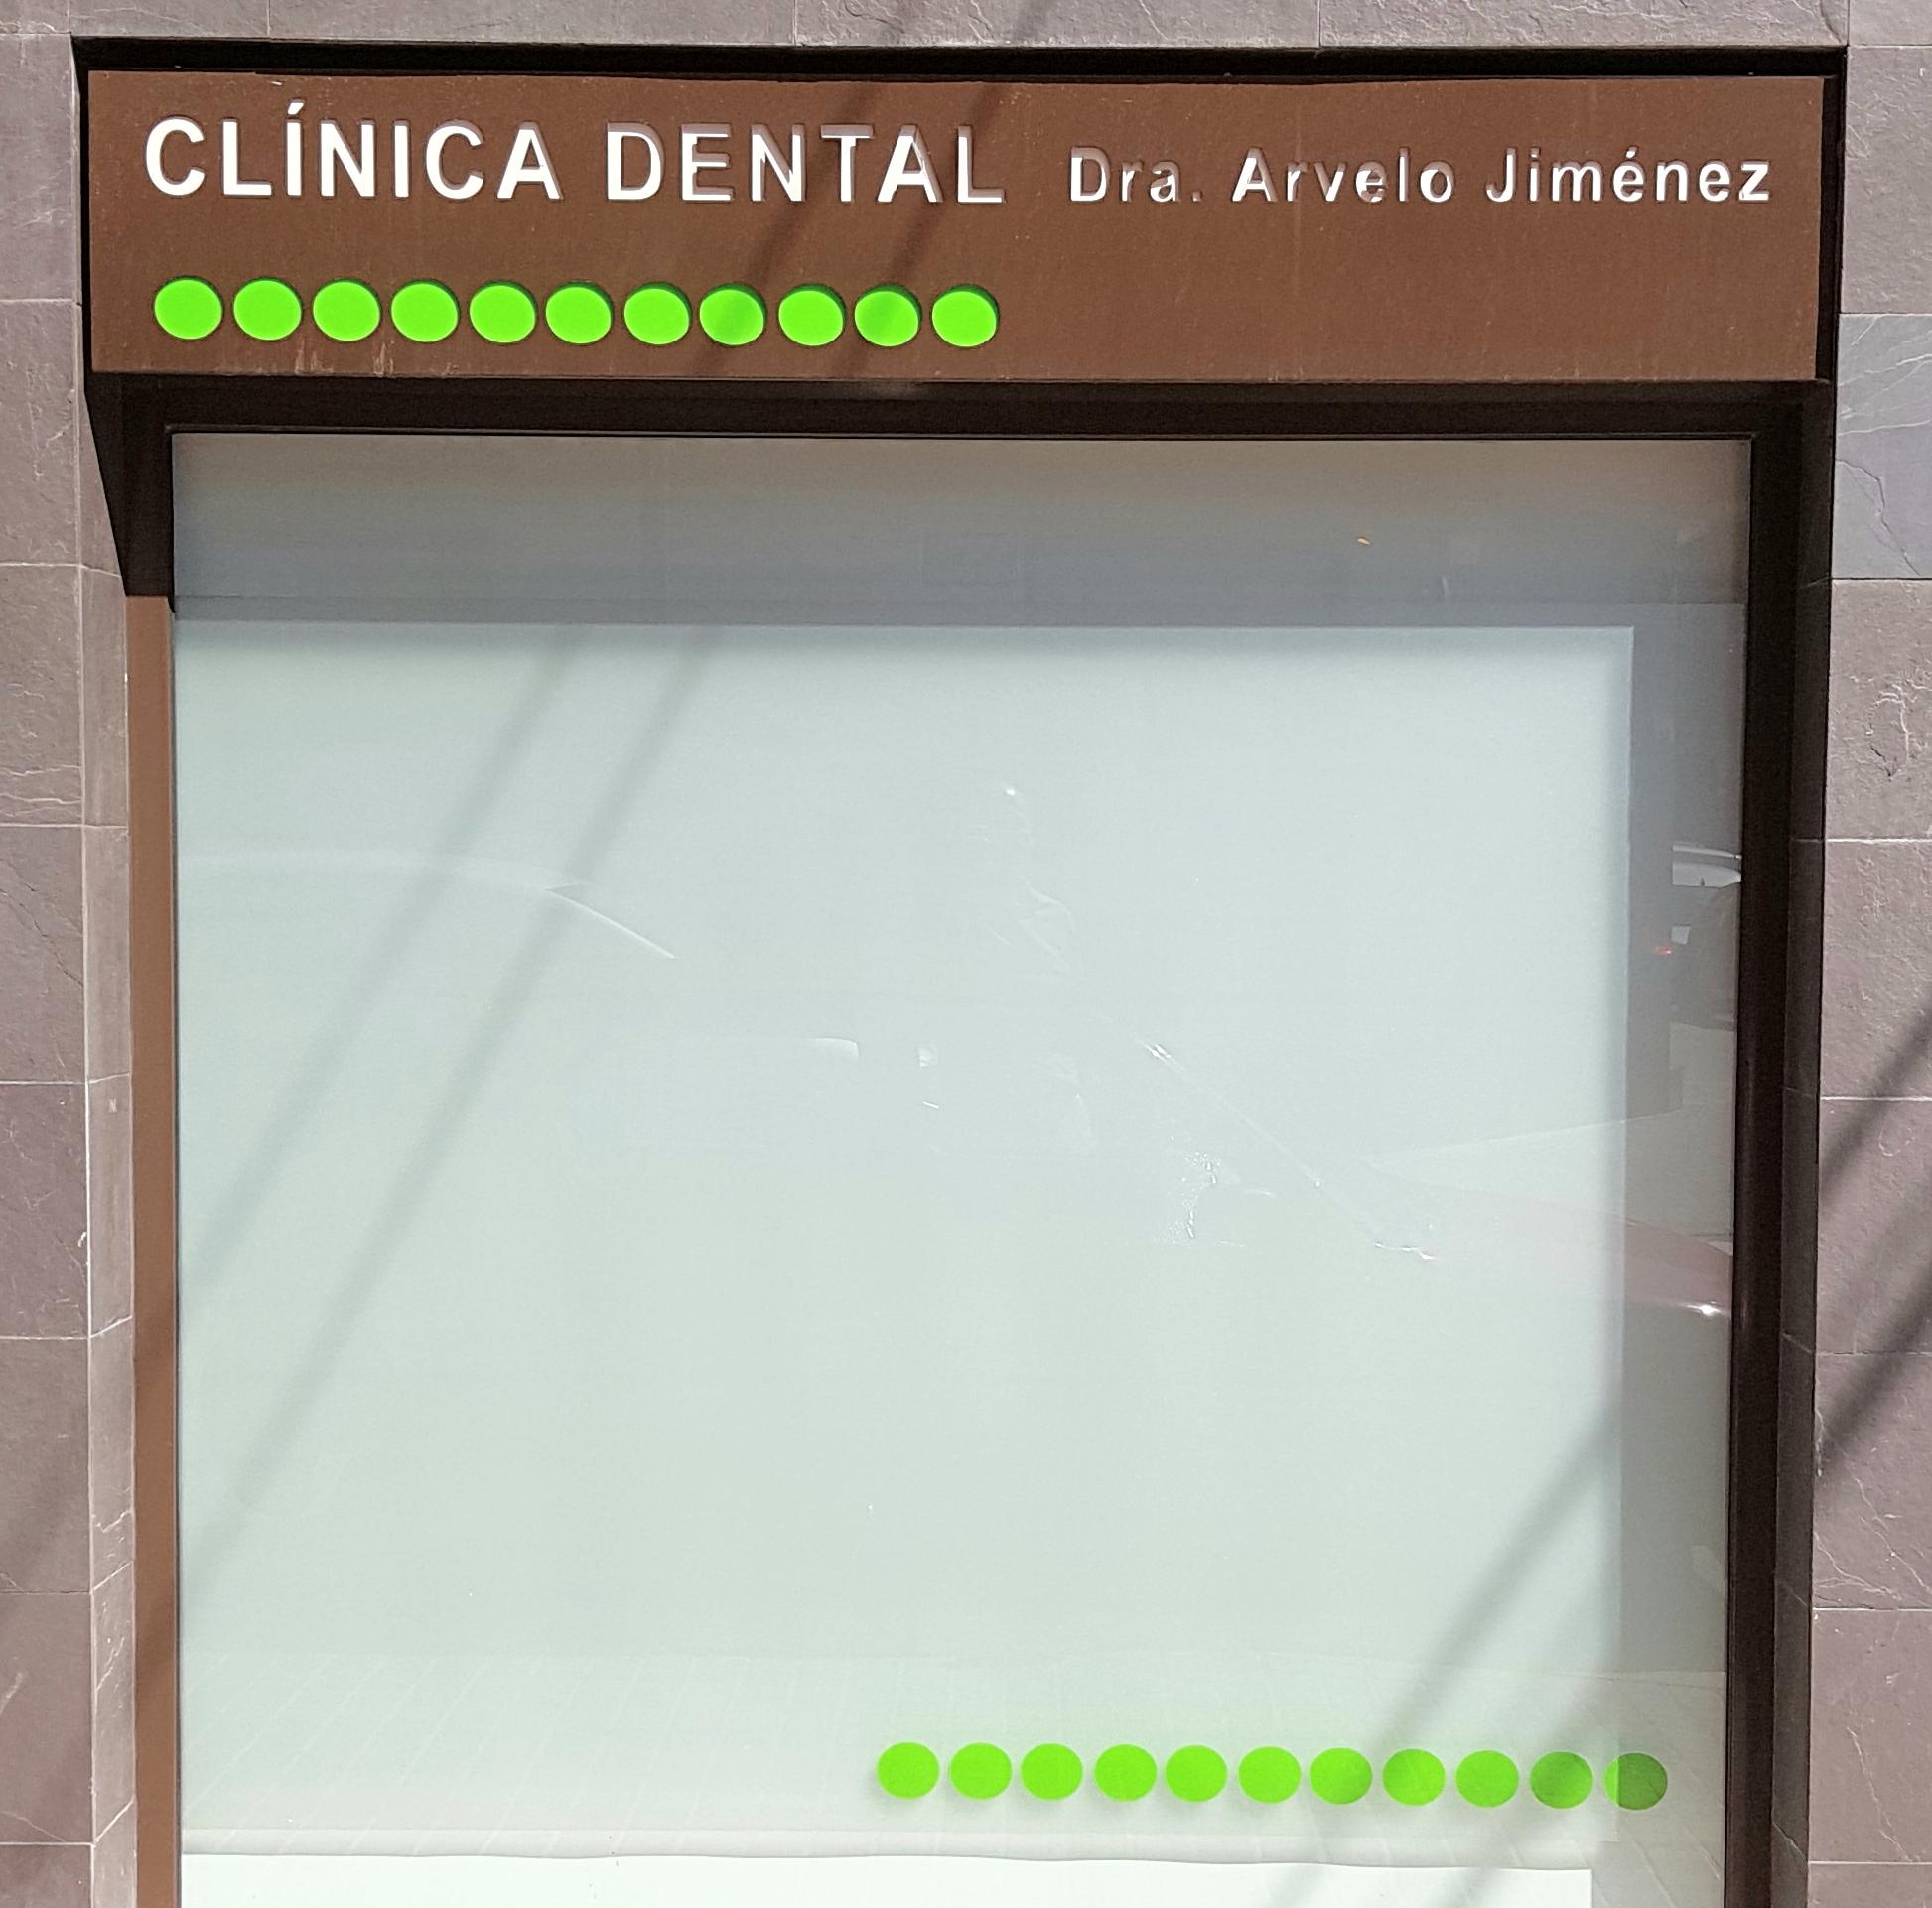 Clínica Dental Niurka Arvelo Jiménez